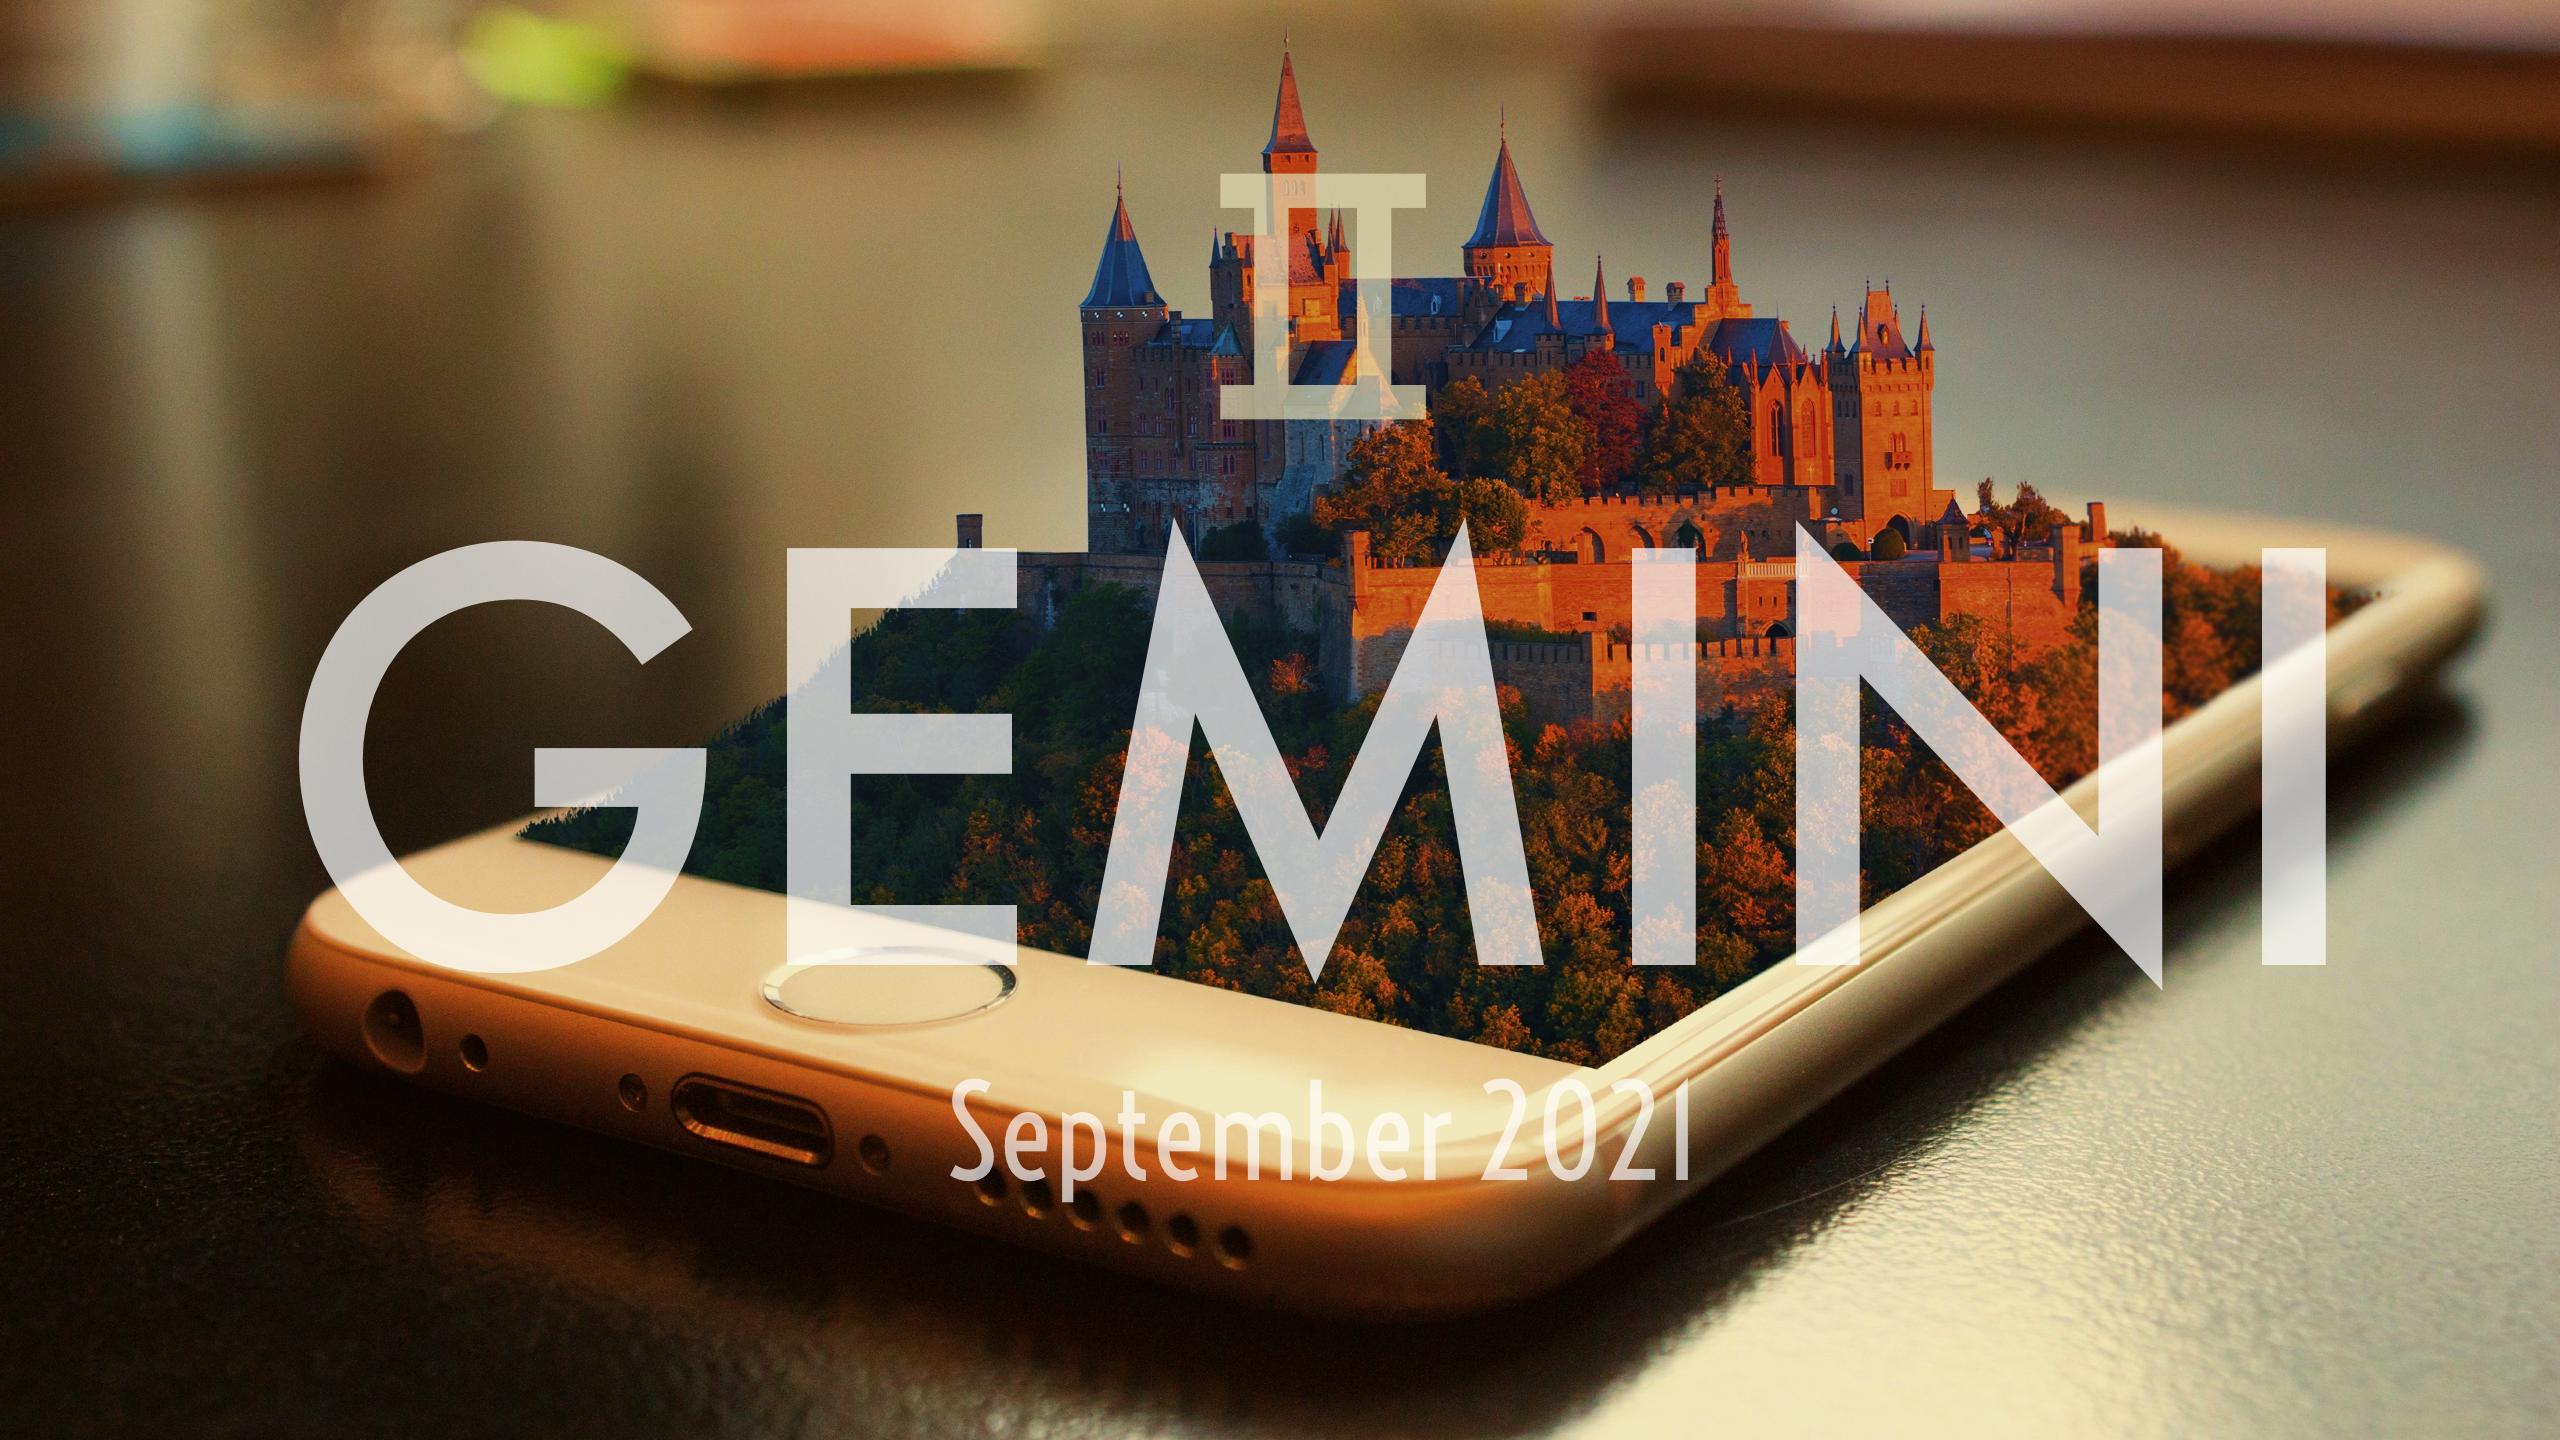 2021 09:Banner:03 Gemini